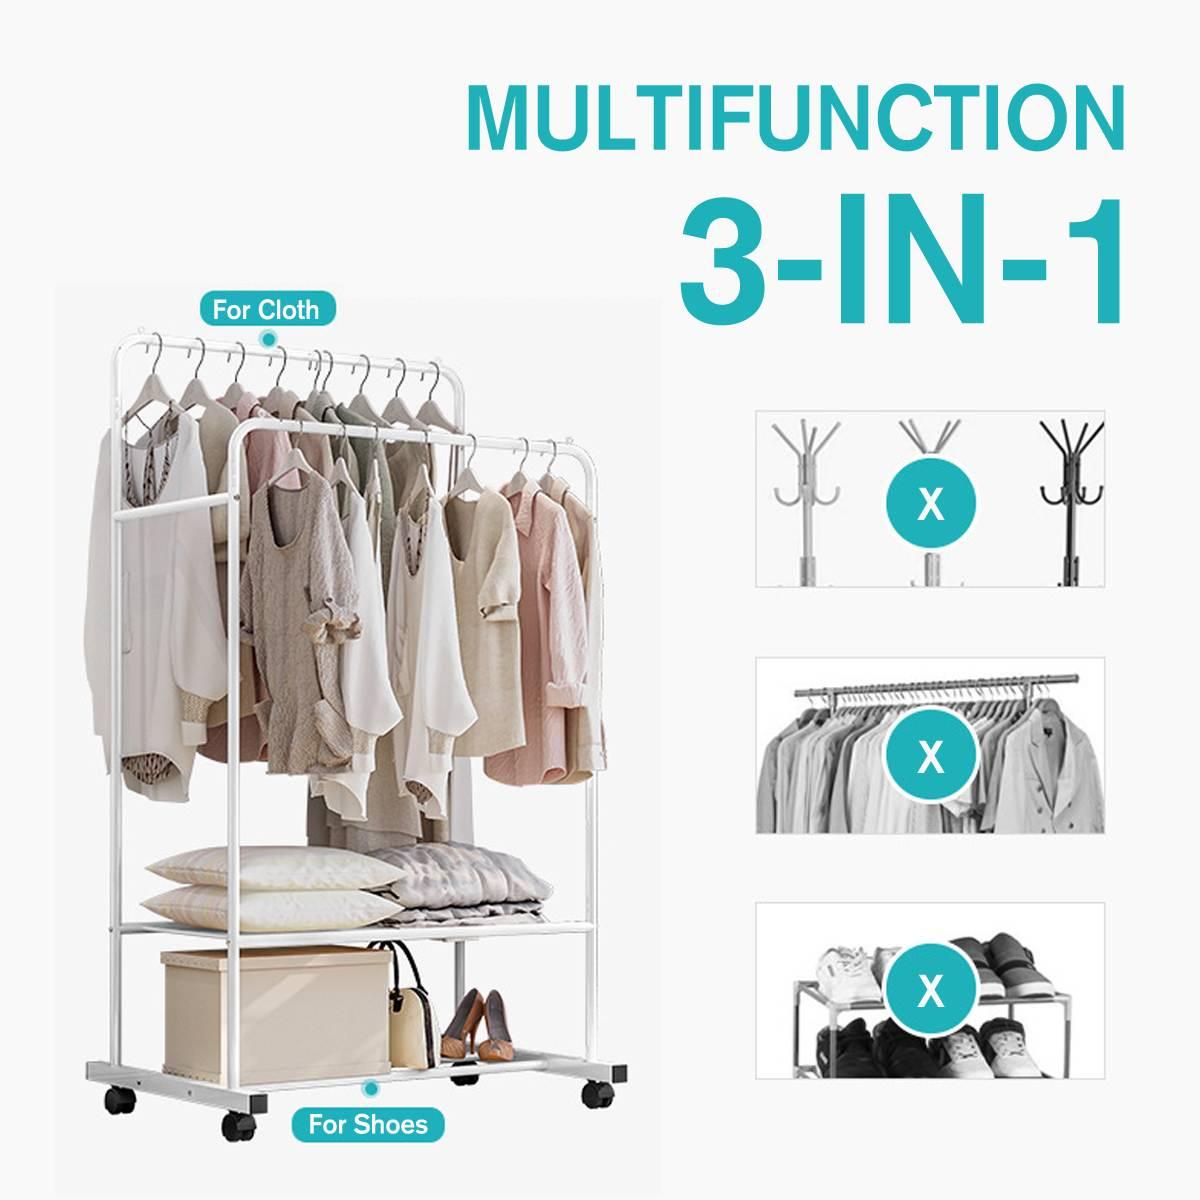 Multifunction Coat Rack Simple Metal Iron Floor Standing Clothes Hanging Storage Shelf Clothes Hanger Racks Bedroom Furniture